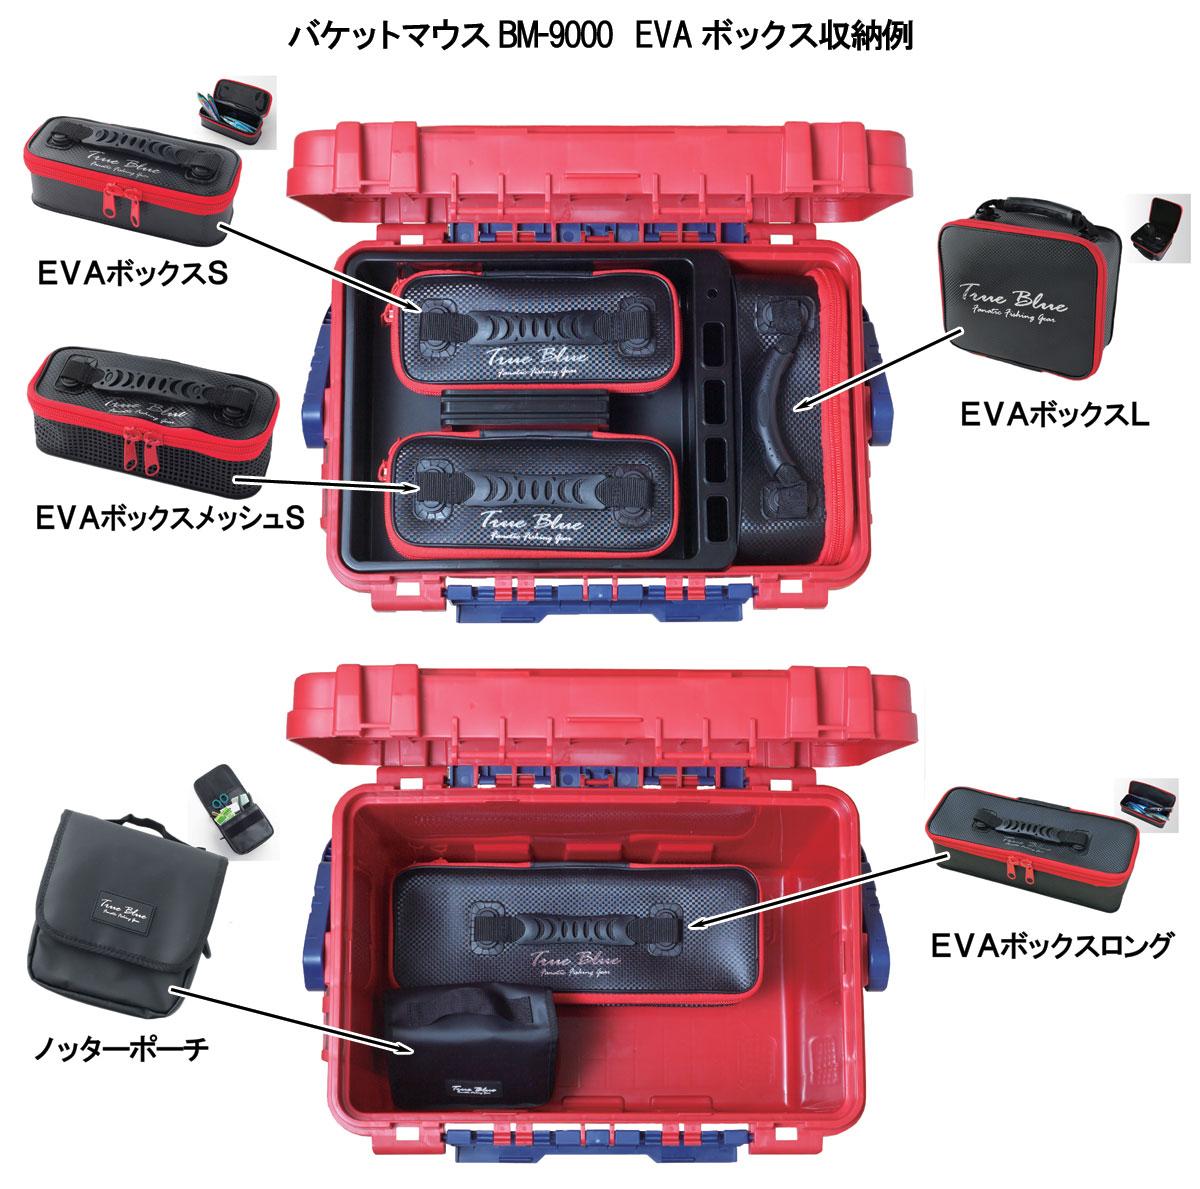 EVAボックス収納例 バケットマウス BM-9000